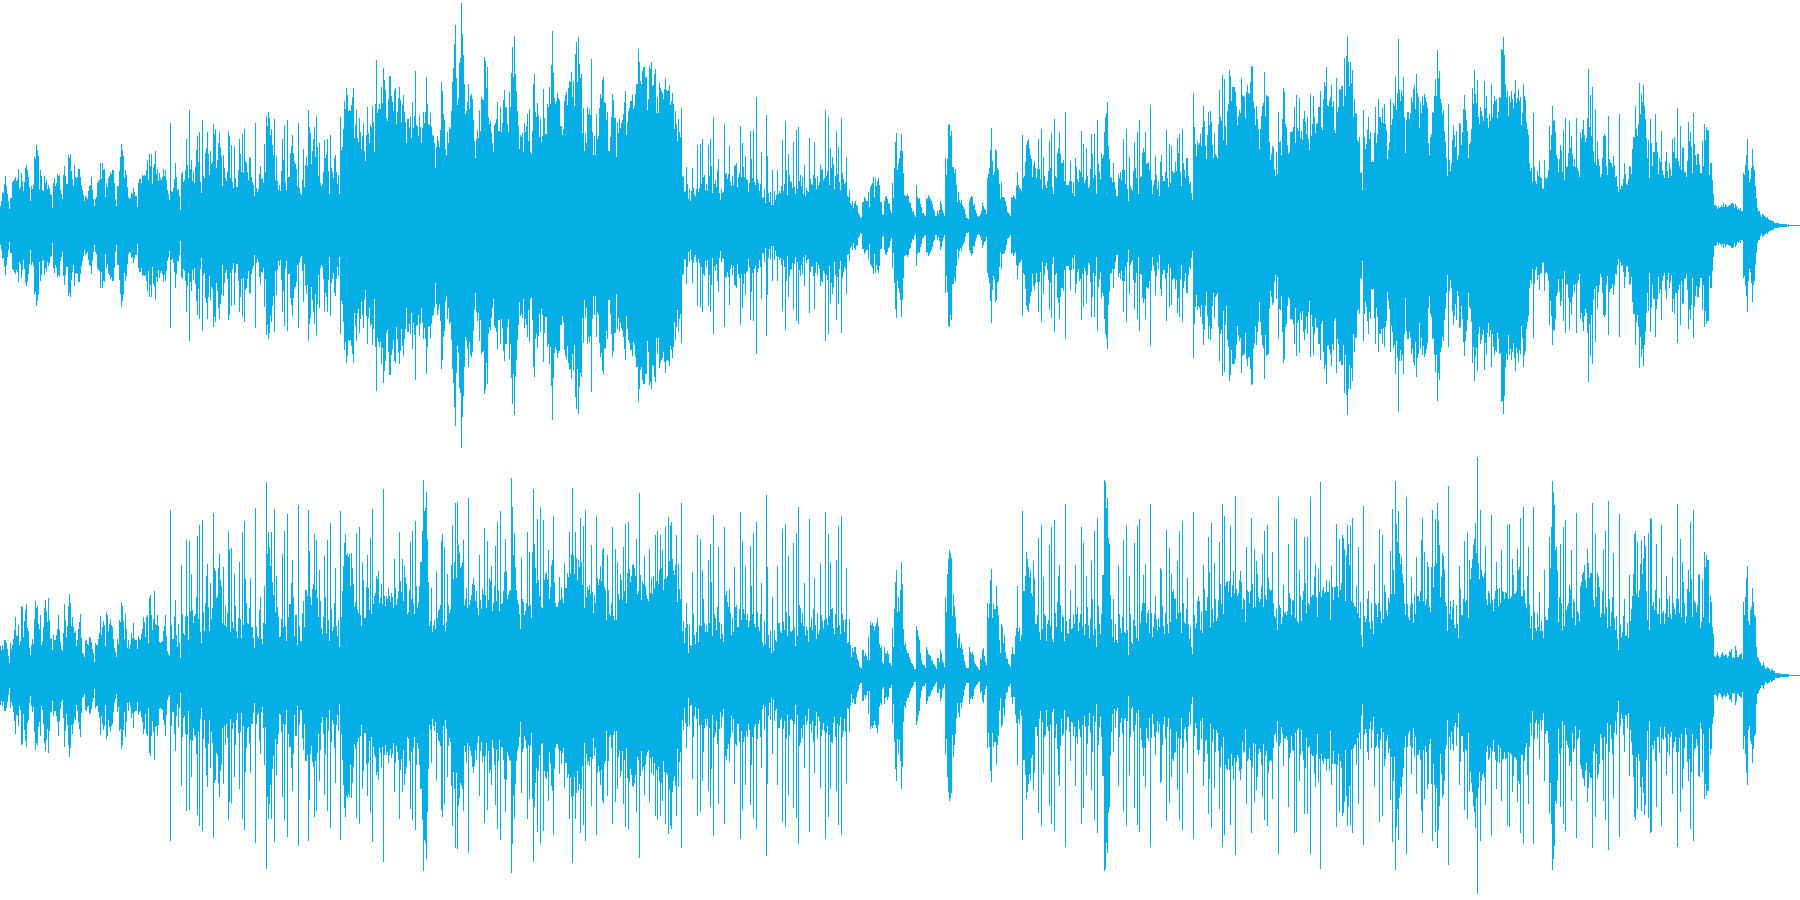 ピアノ リラックス 鳥 アイランド 癒しの再生済みの波形